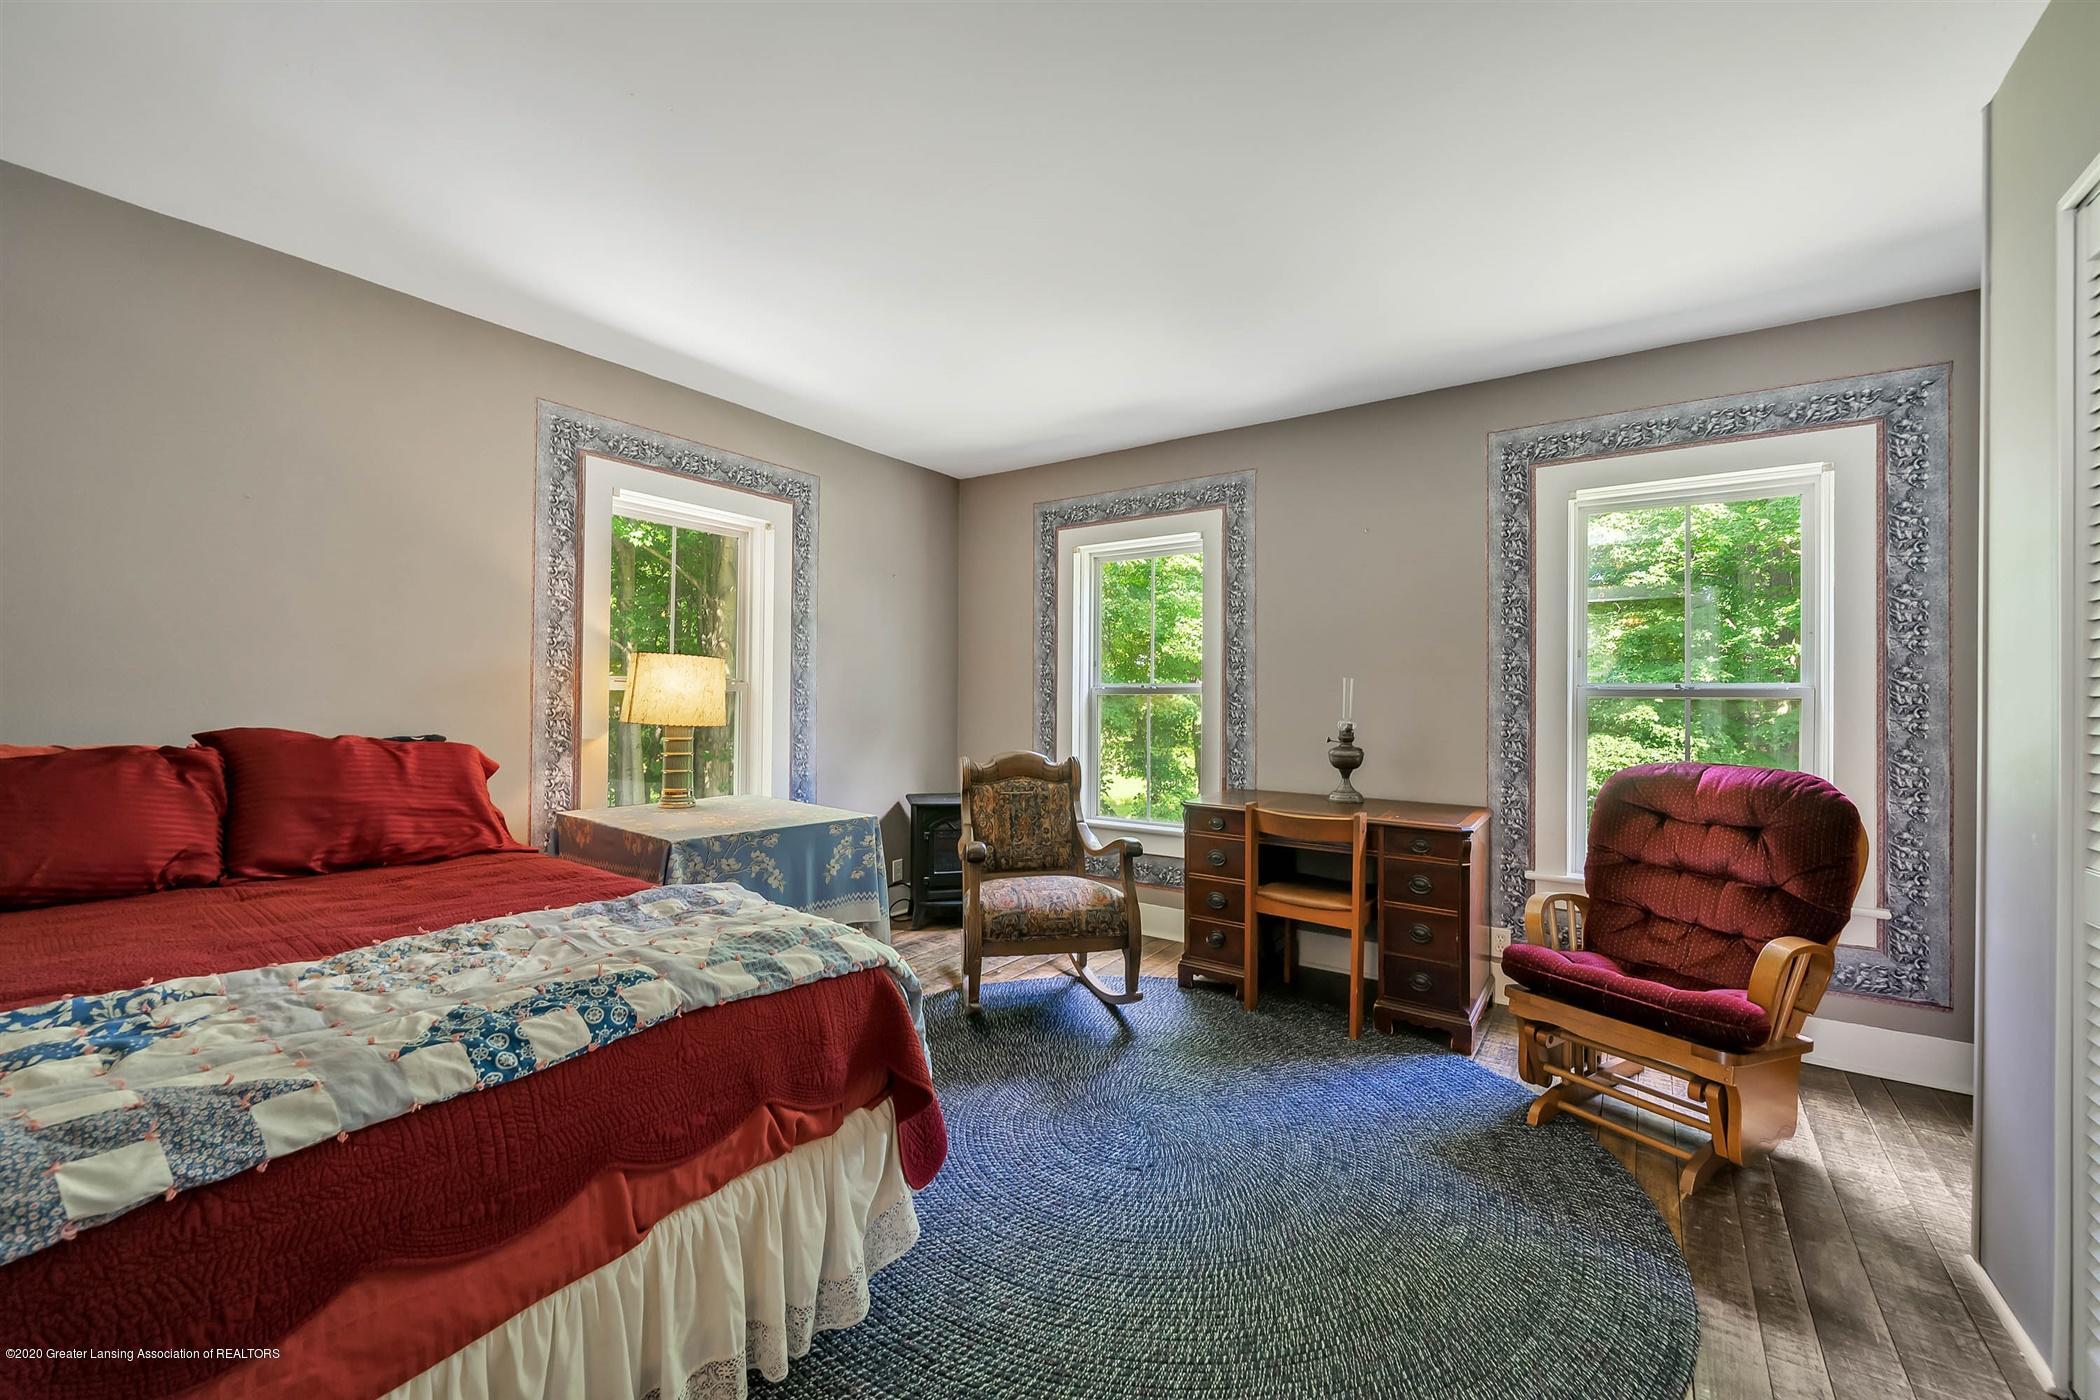 518 S Smith Rd - (17) SECOND FLOOR Bedroom 2 - 18